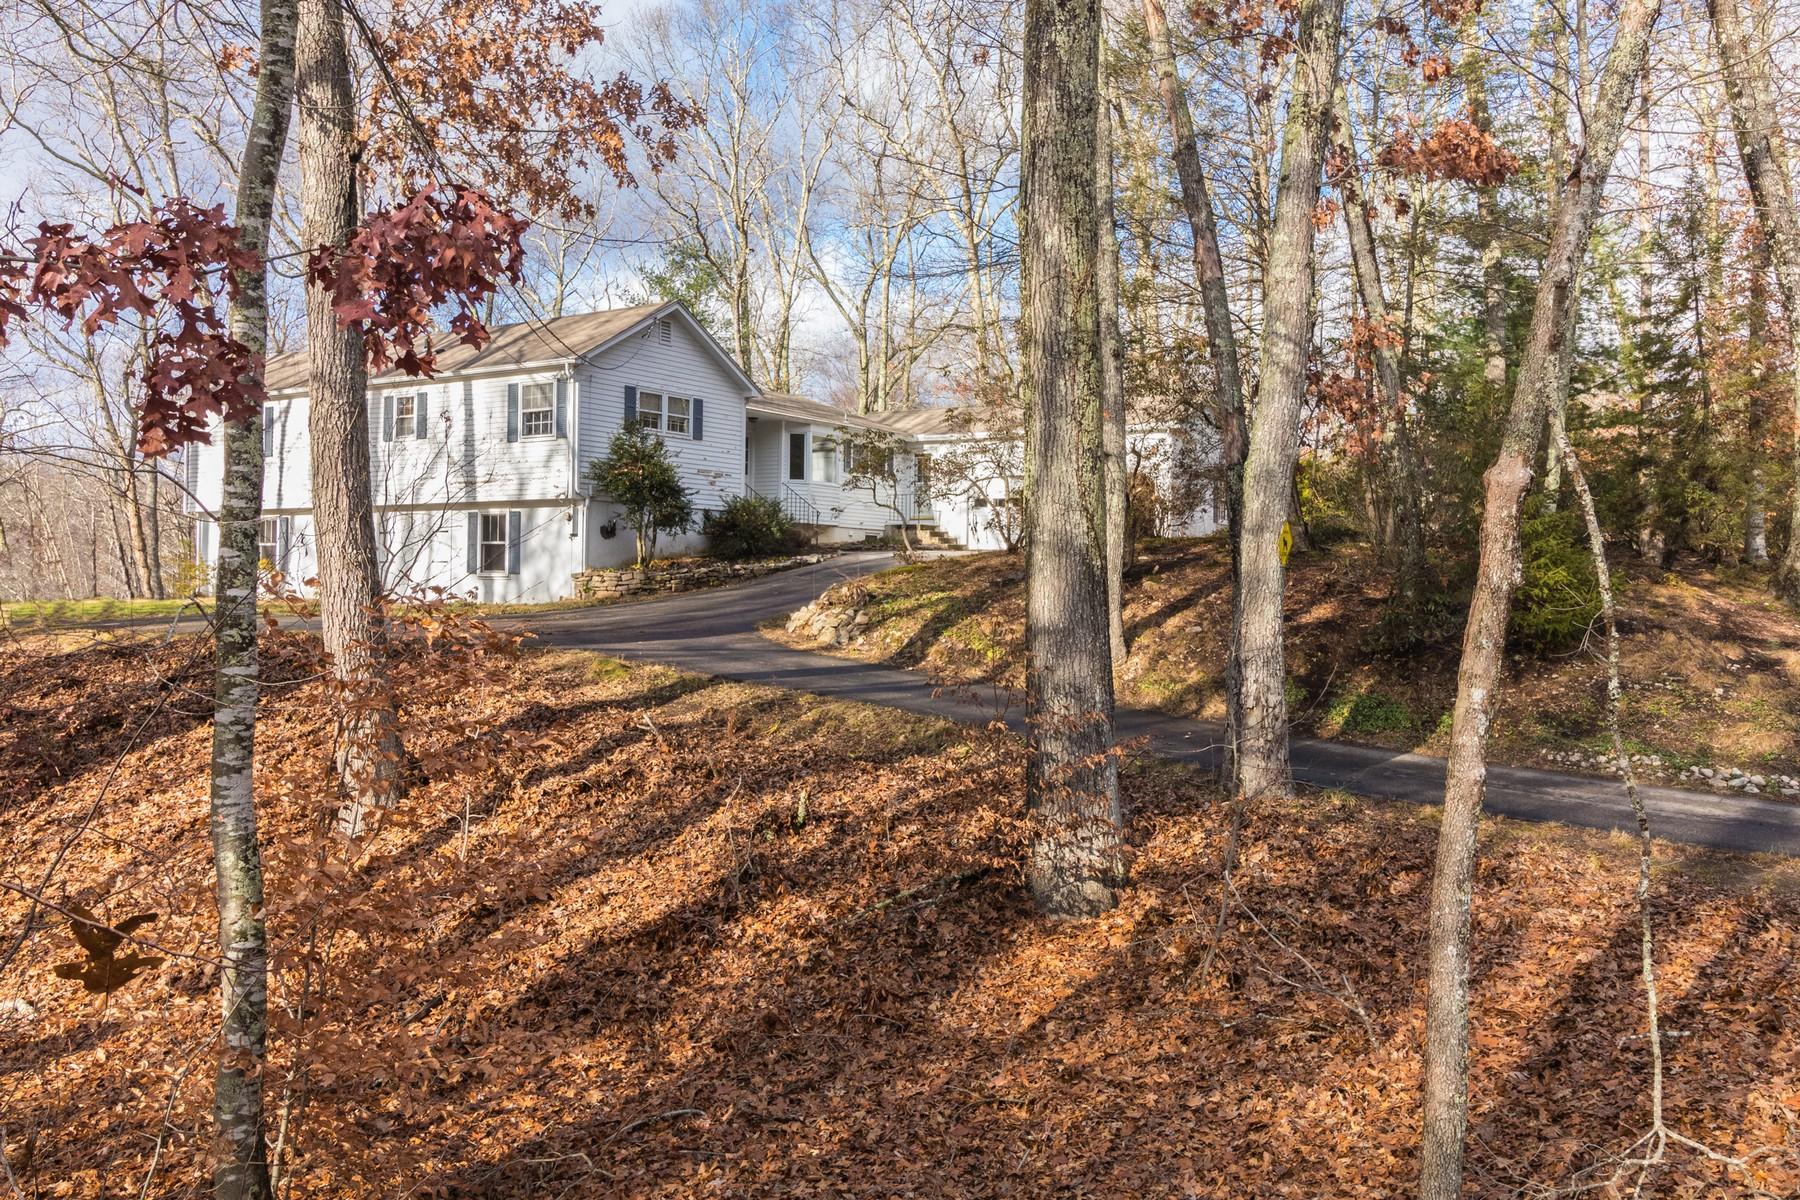 独户住宅 为 销售 在 Charming Three Bedroom Home 12 Jericho Drive 旧莱姆, 康涅狄格州, 06371 美国